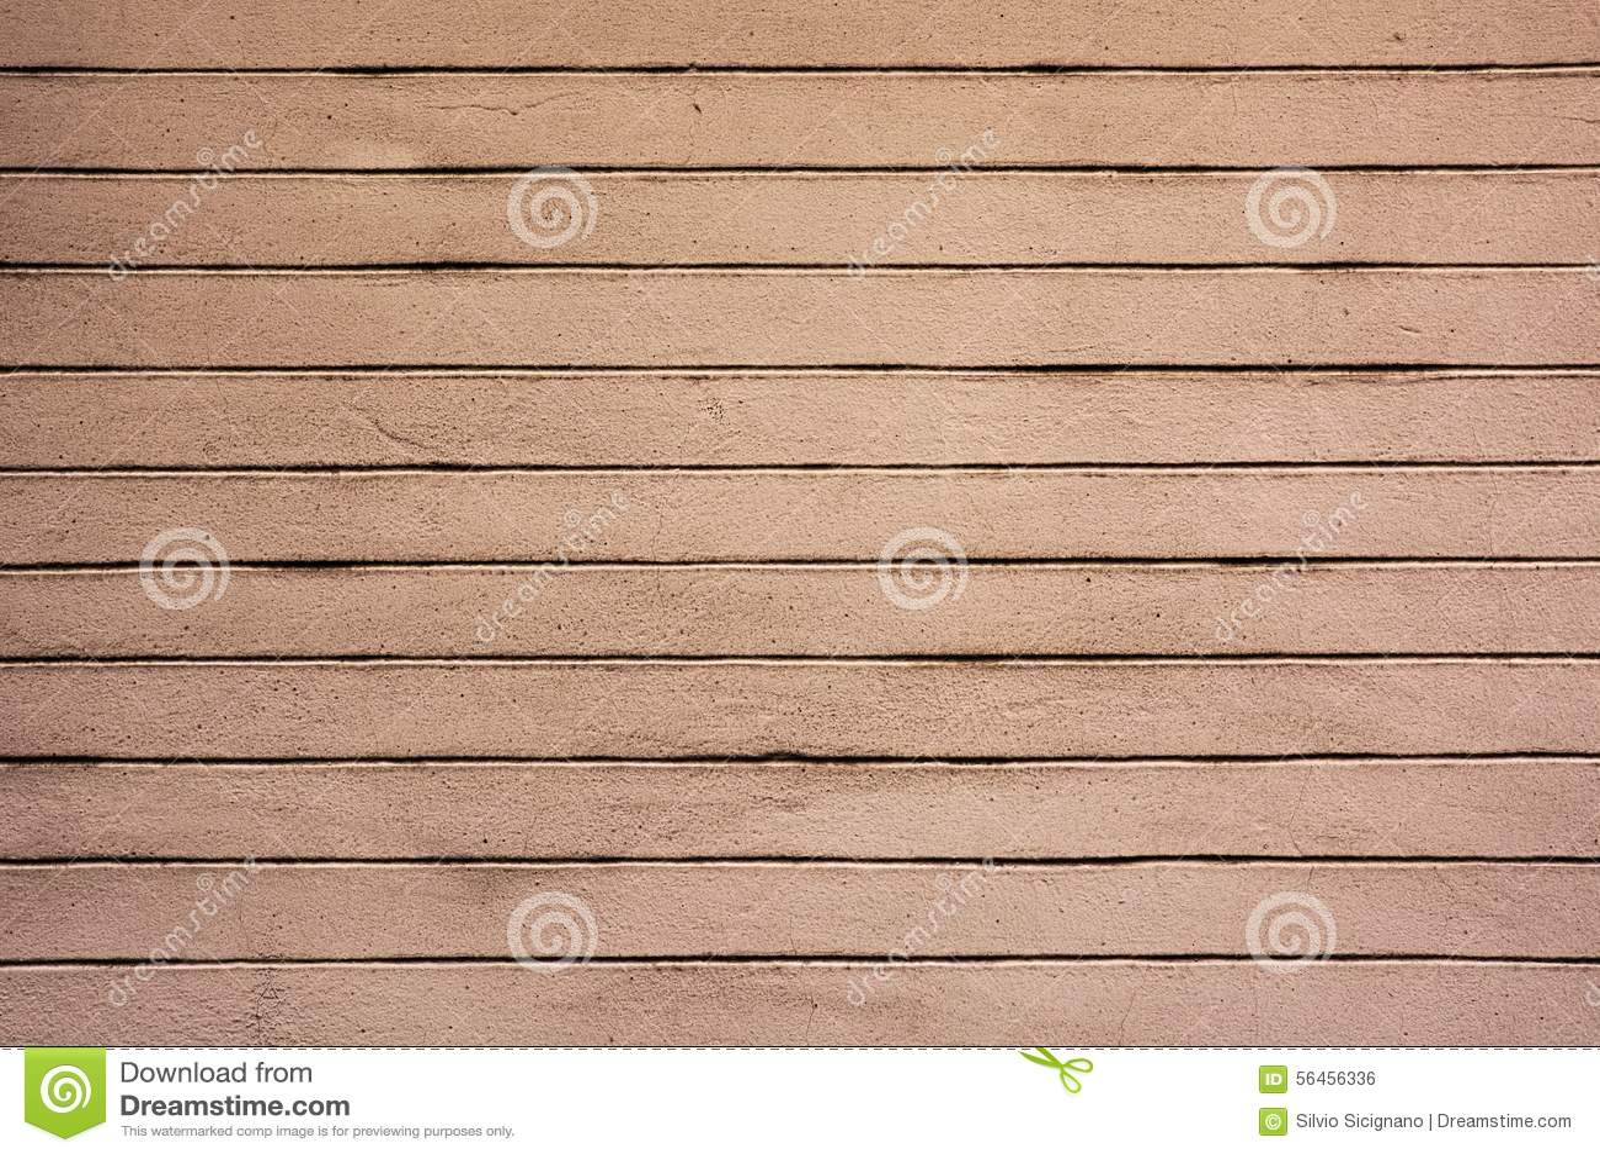 Beschaffenheit muster wand gips stockfoto bild 56456336 - Muster an wand ...